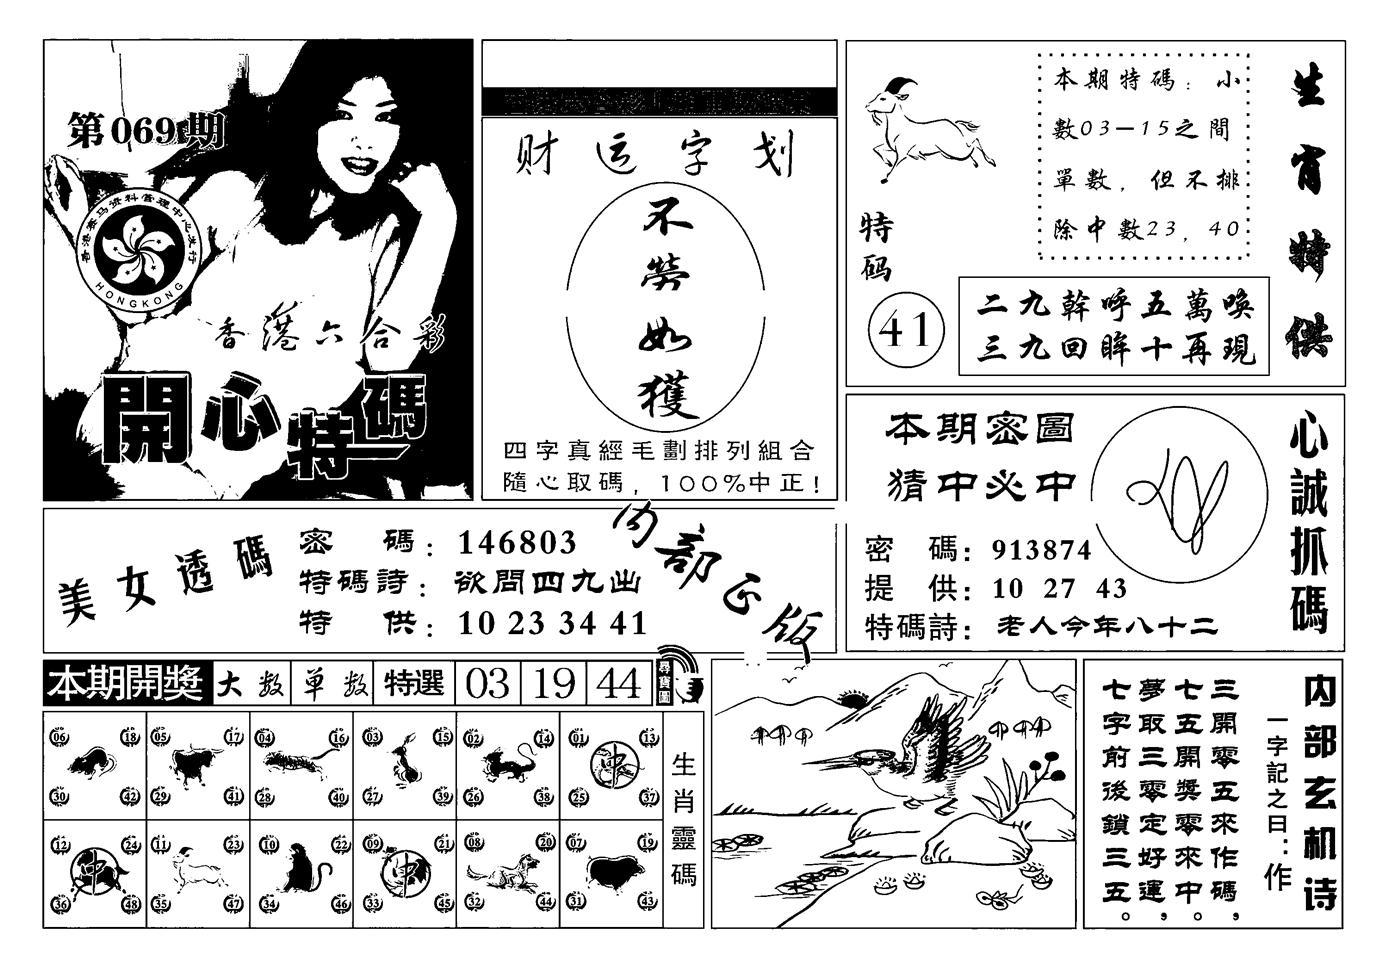 069期白姐猛料(黑白)